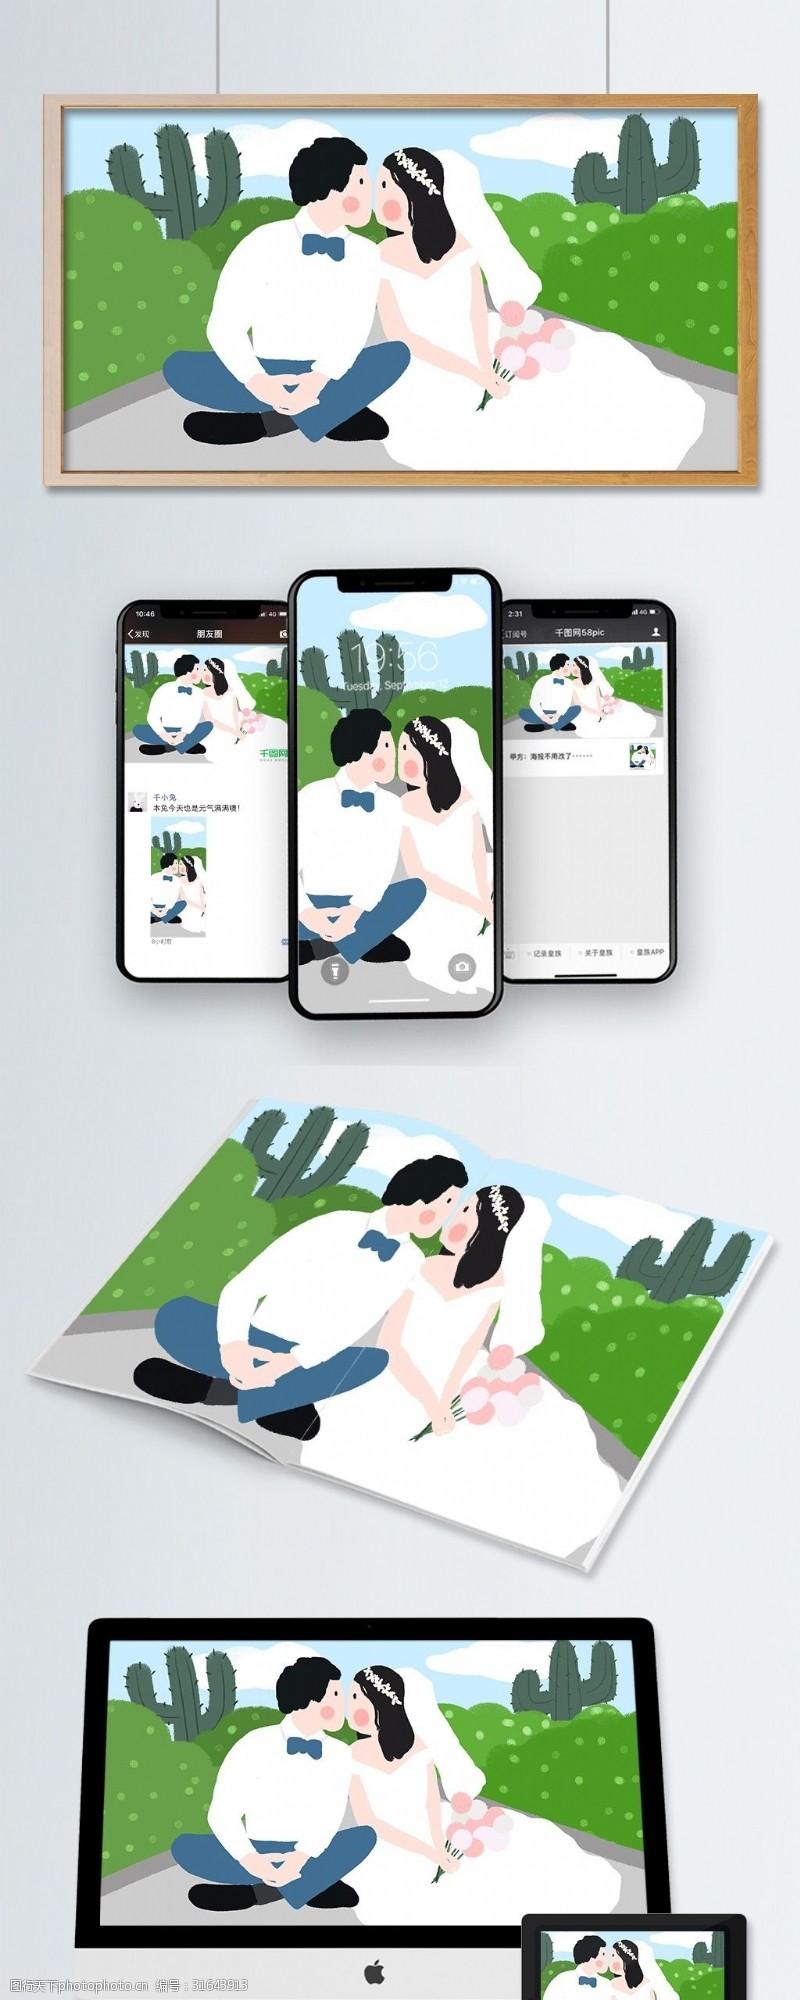 结婚婚纱礼服男女捧花小清新浪漫户外插画